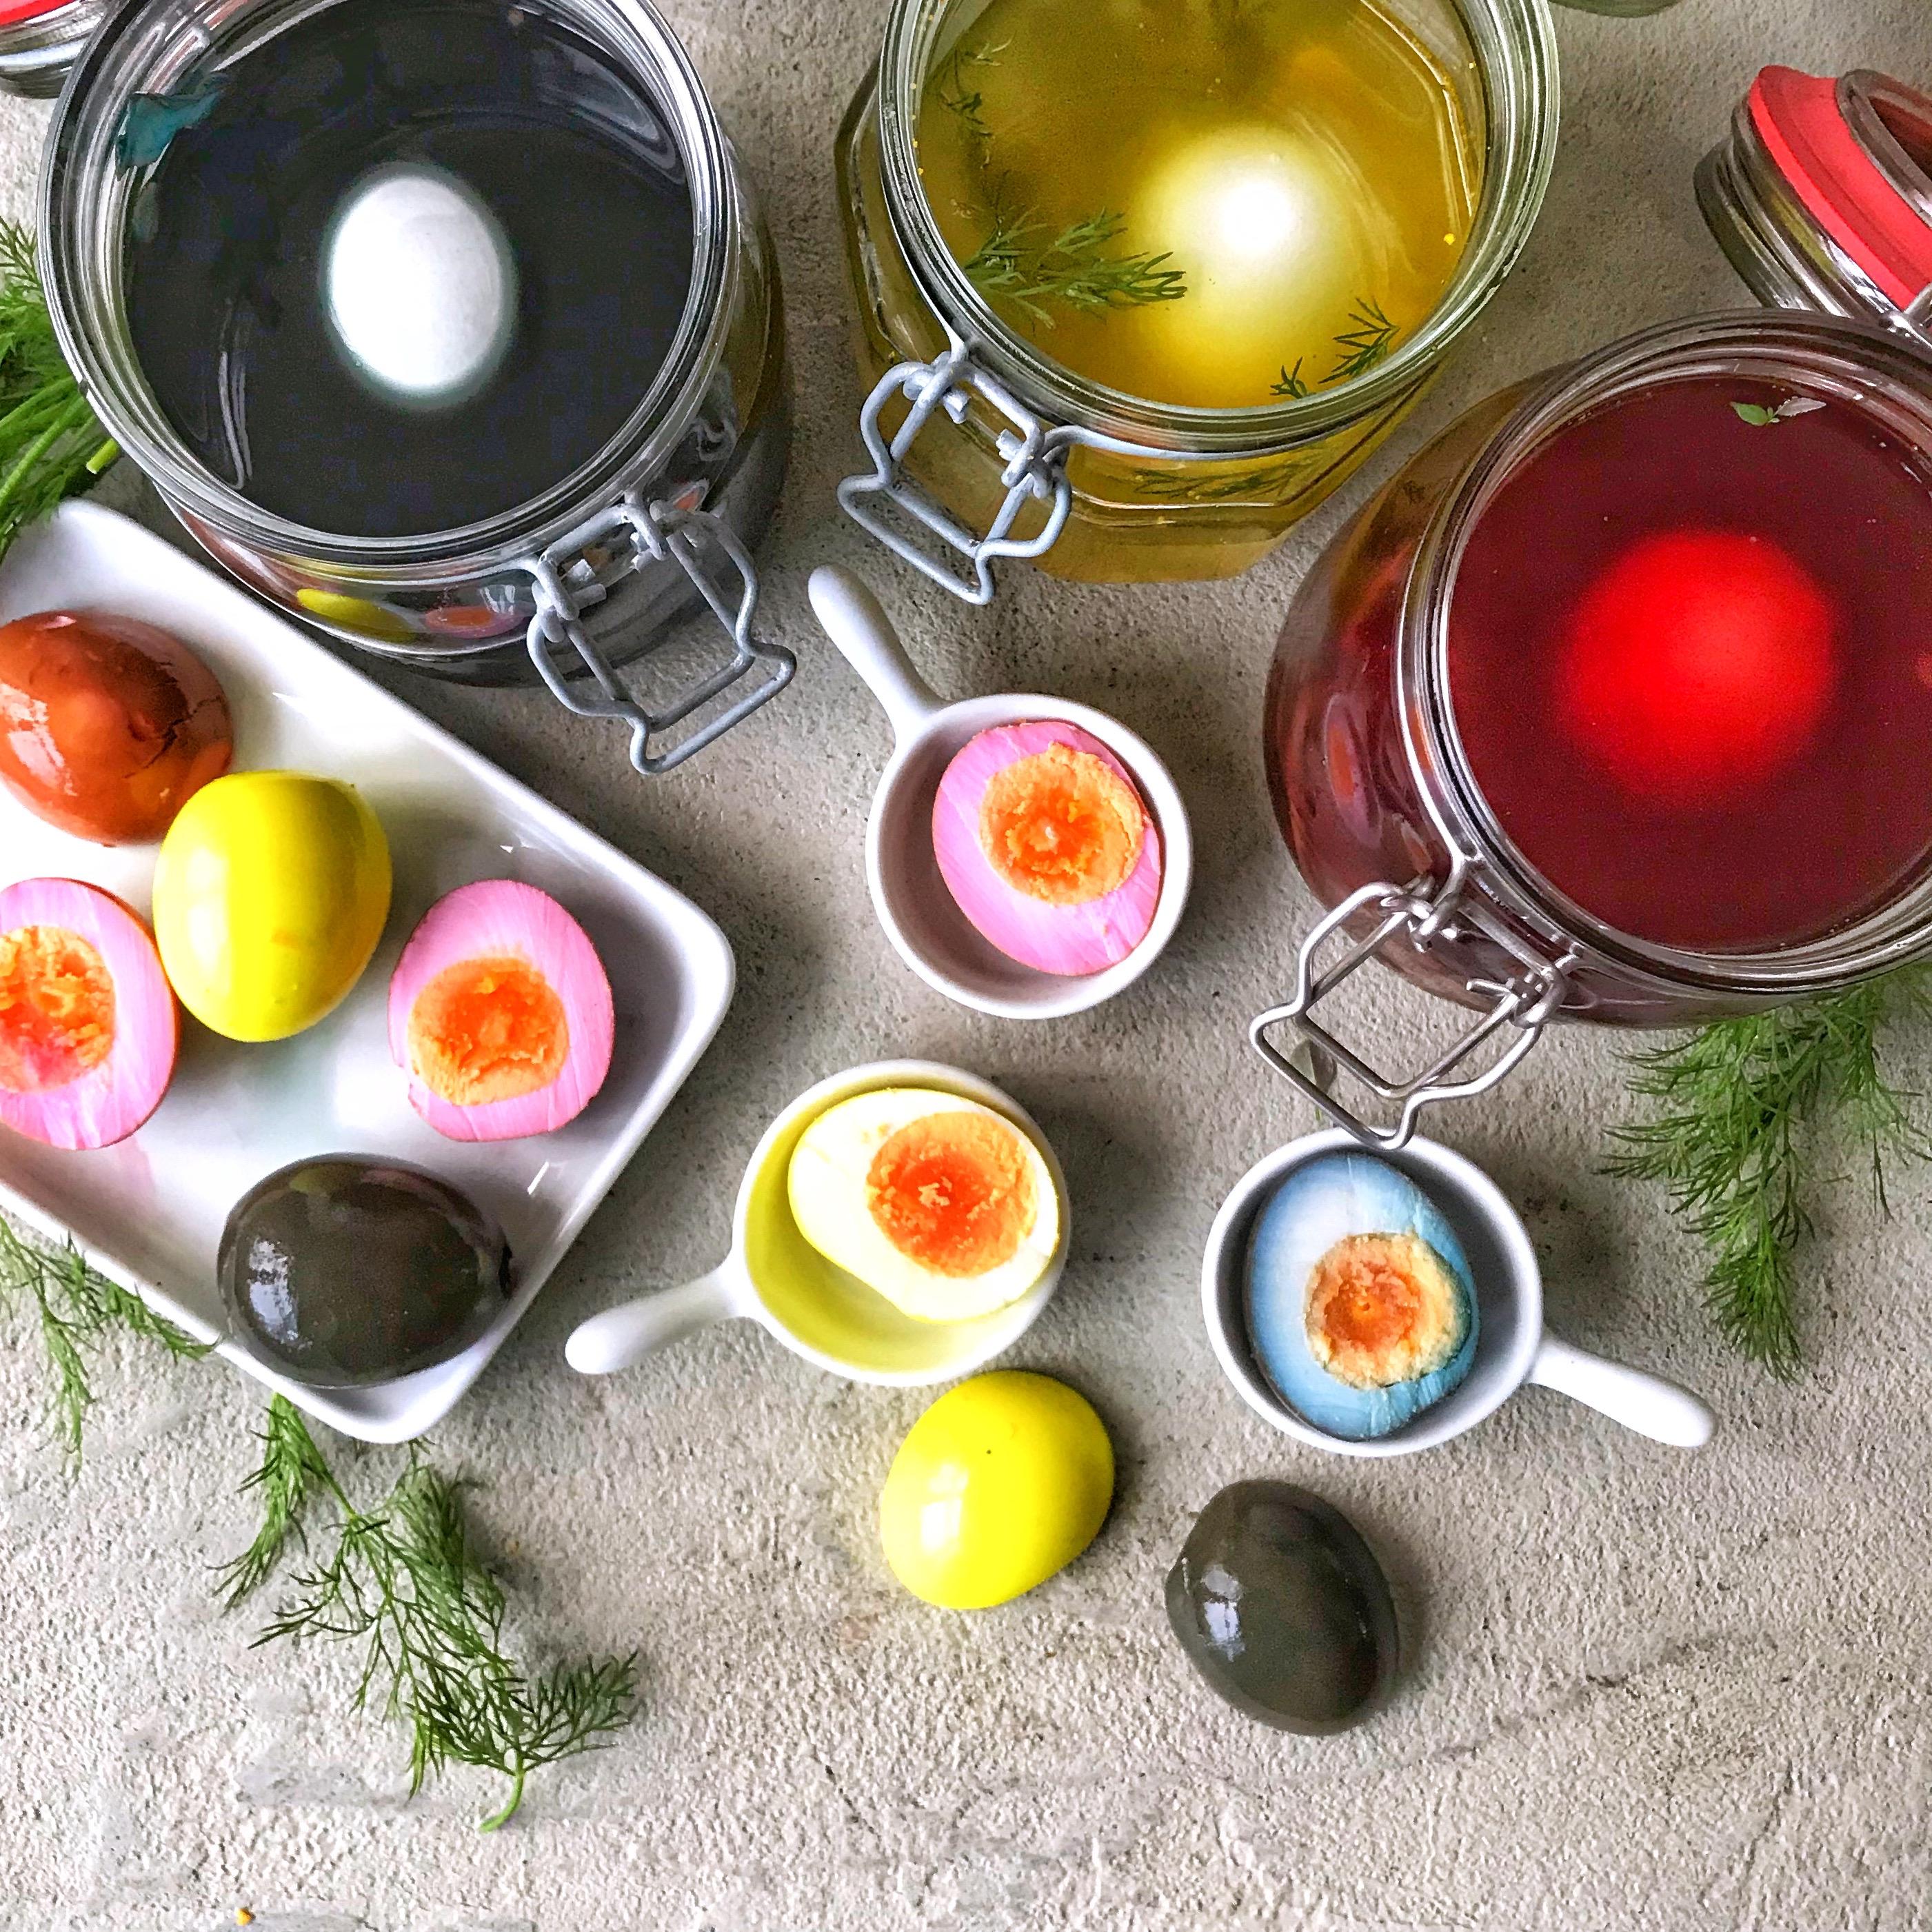 kliekjes-recepten-met-paas-eieren-voedselverspilling